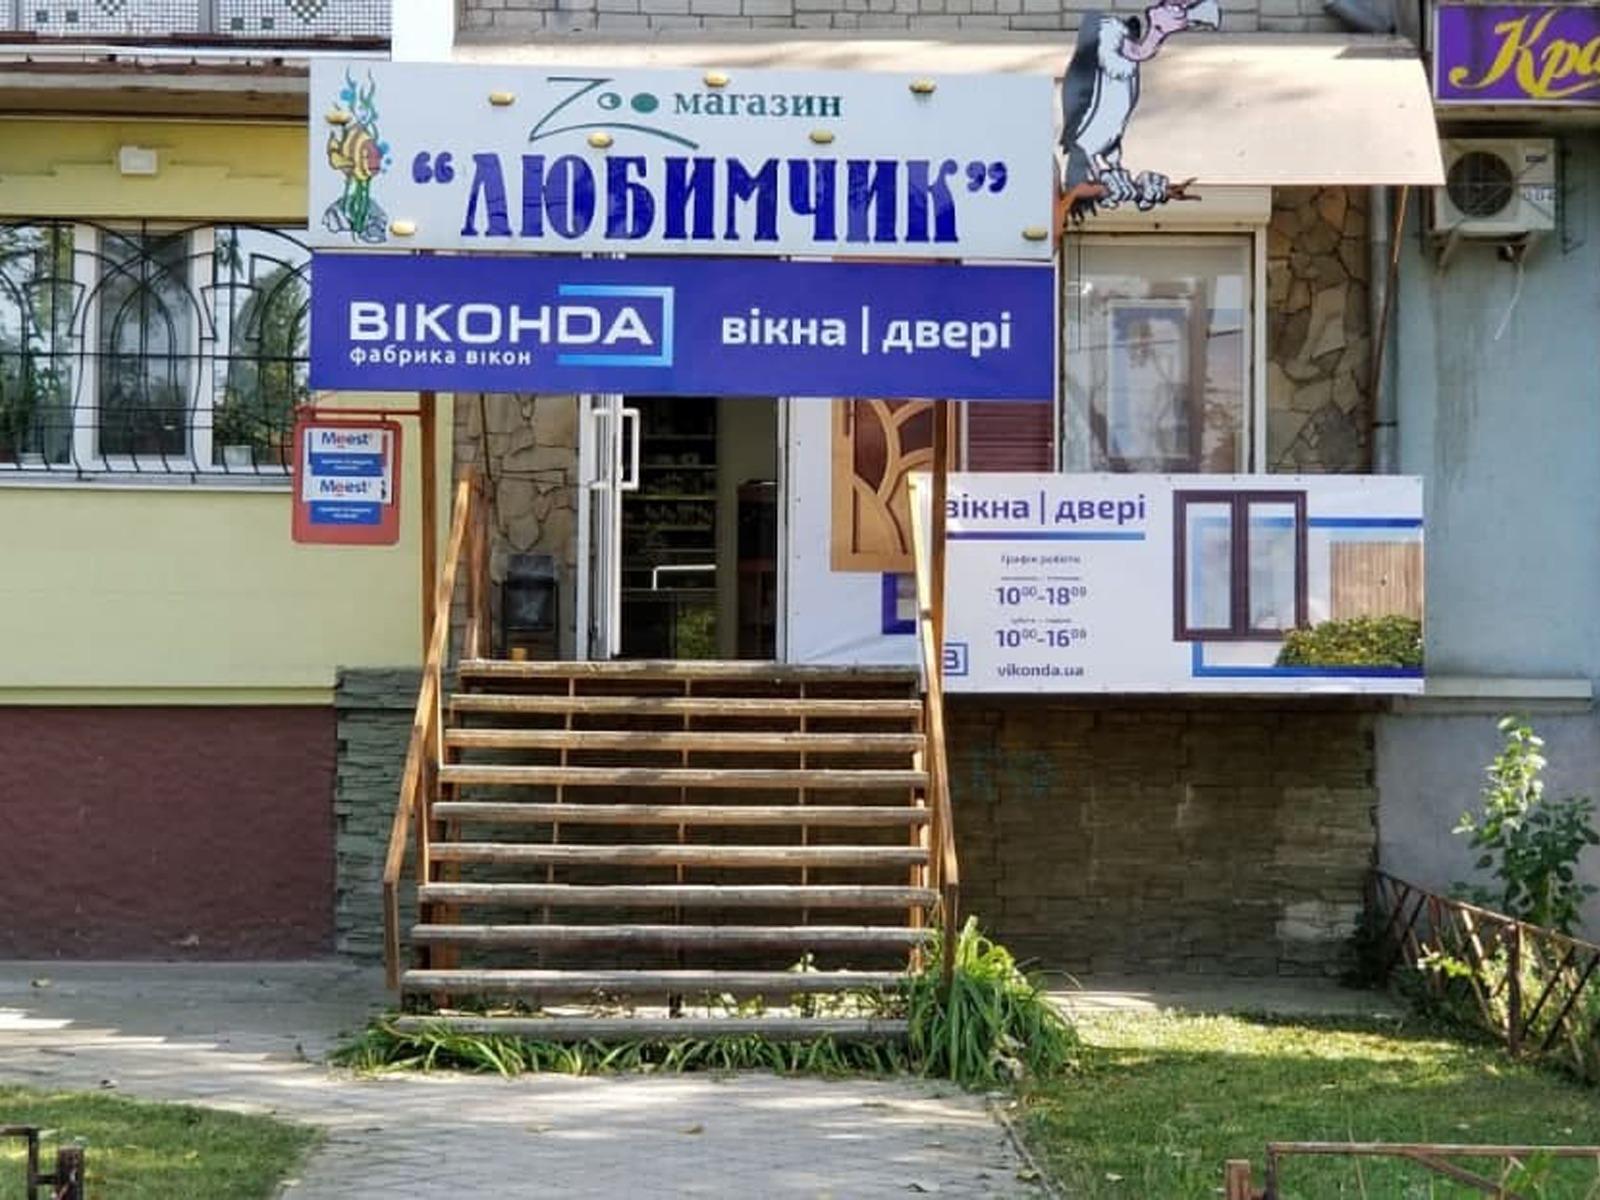 фото салону Віконда у Миколаєві